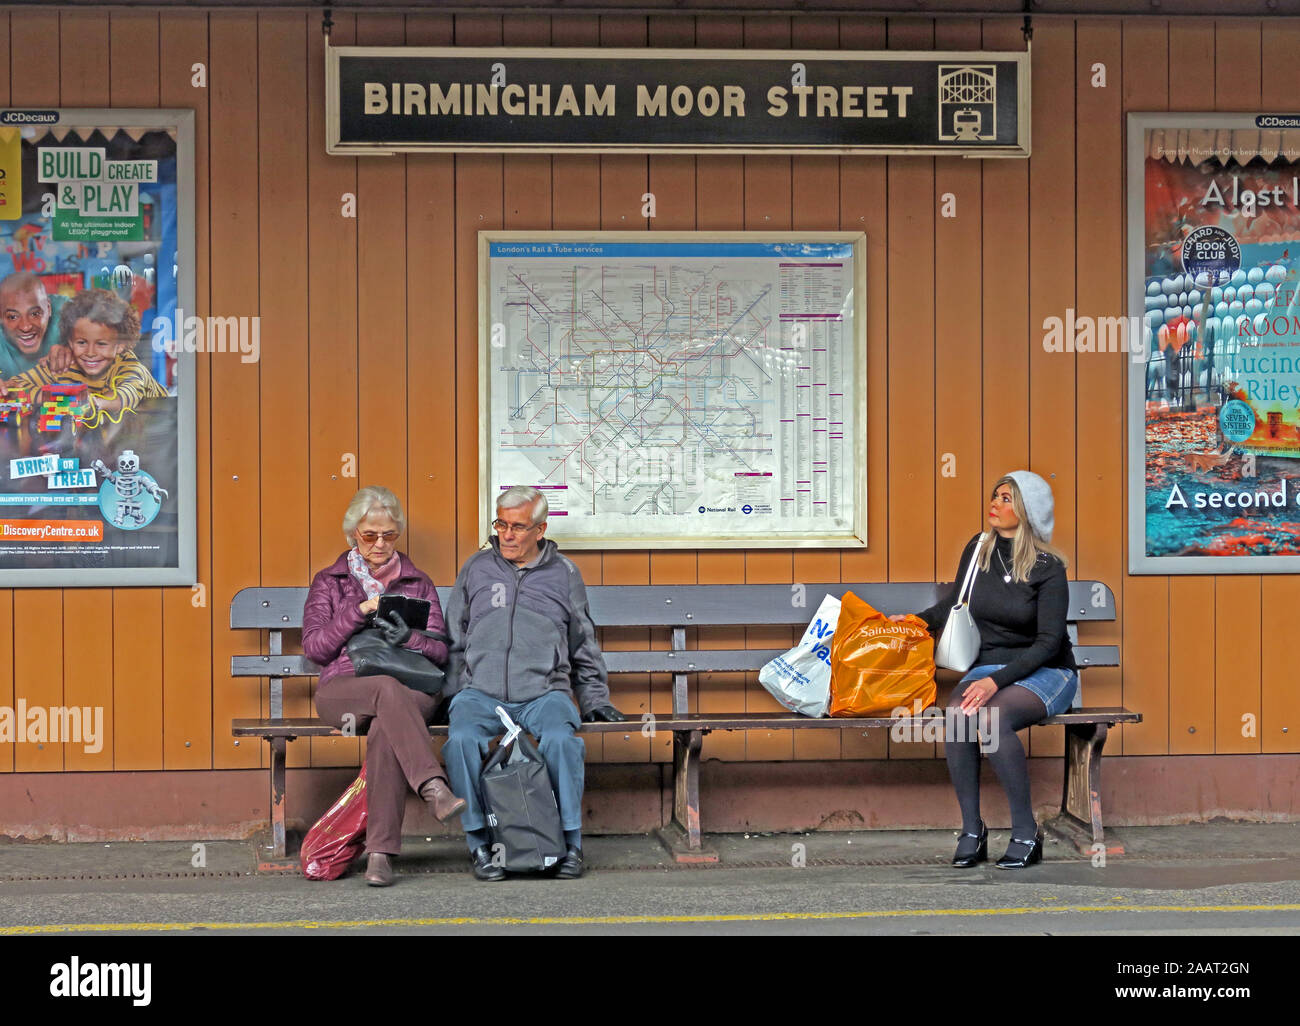 HotpixUk,@HotpixUK,GoTonySmith,UK,England,English,BMO,GWR,City Centre,West Midlands,Historic,transport,architecture,platform,travelers